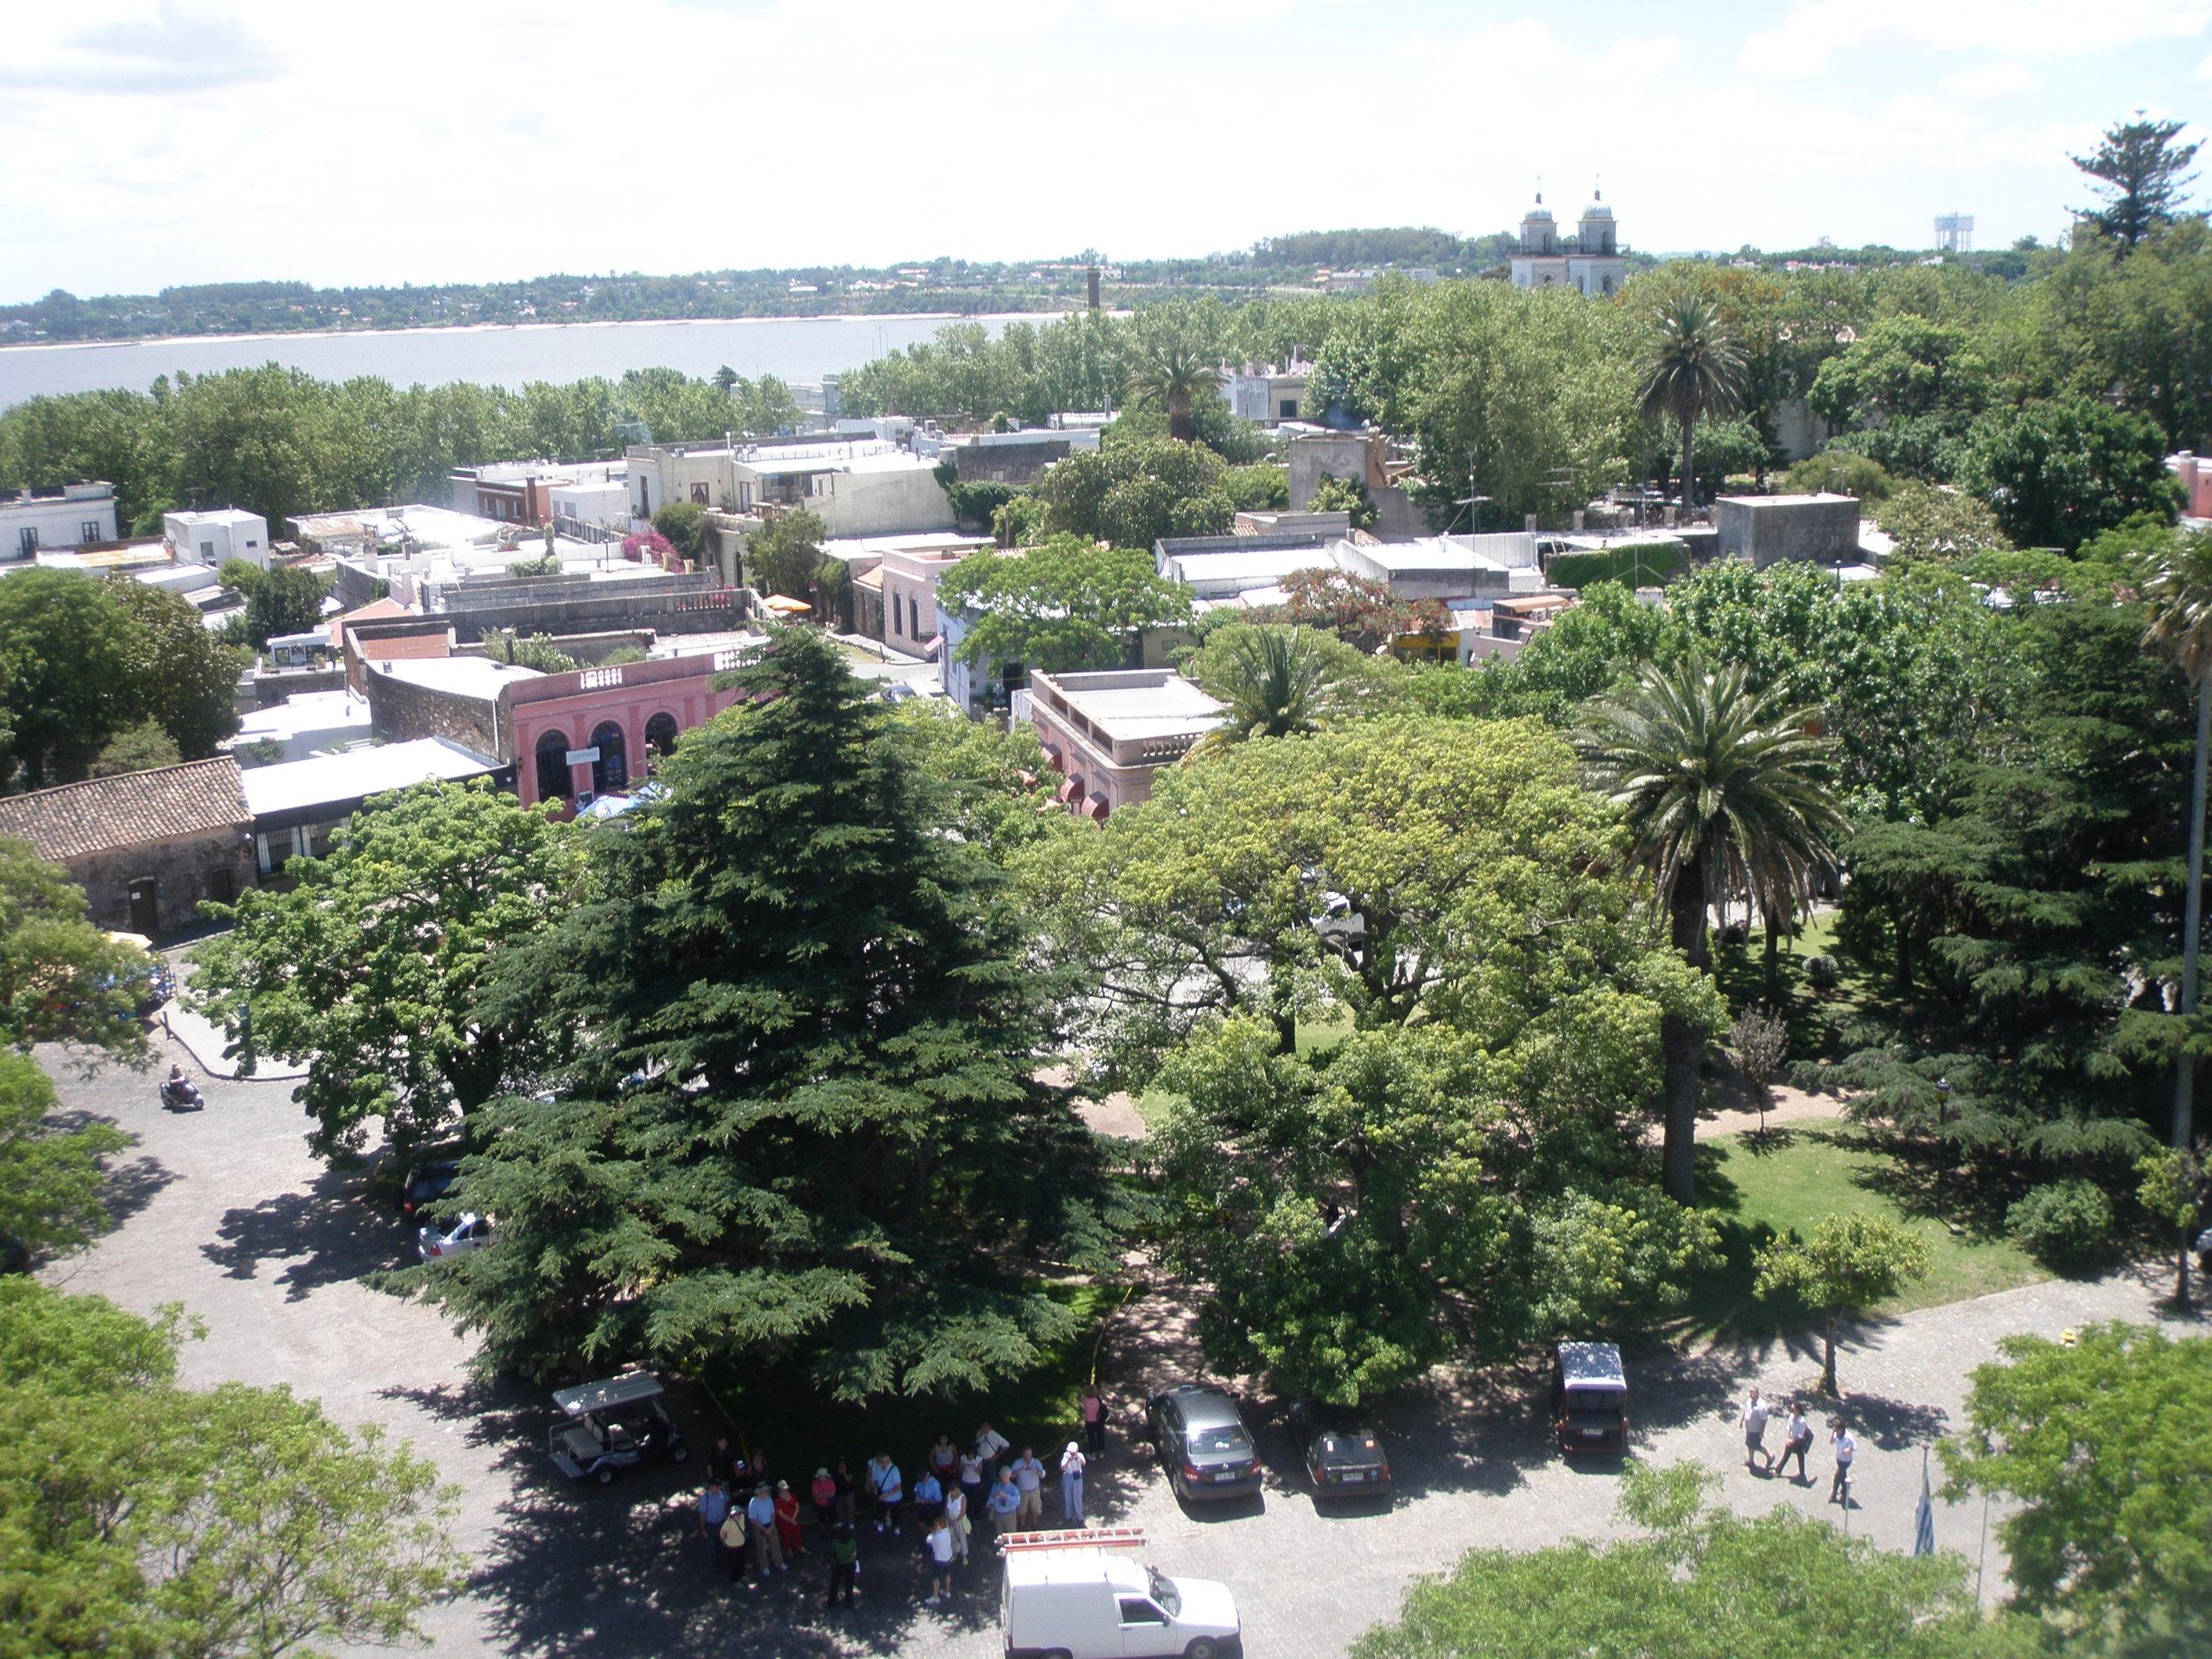 Colonia, Uruguay. Across the Rio de la Plata from Buenos Aires.